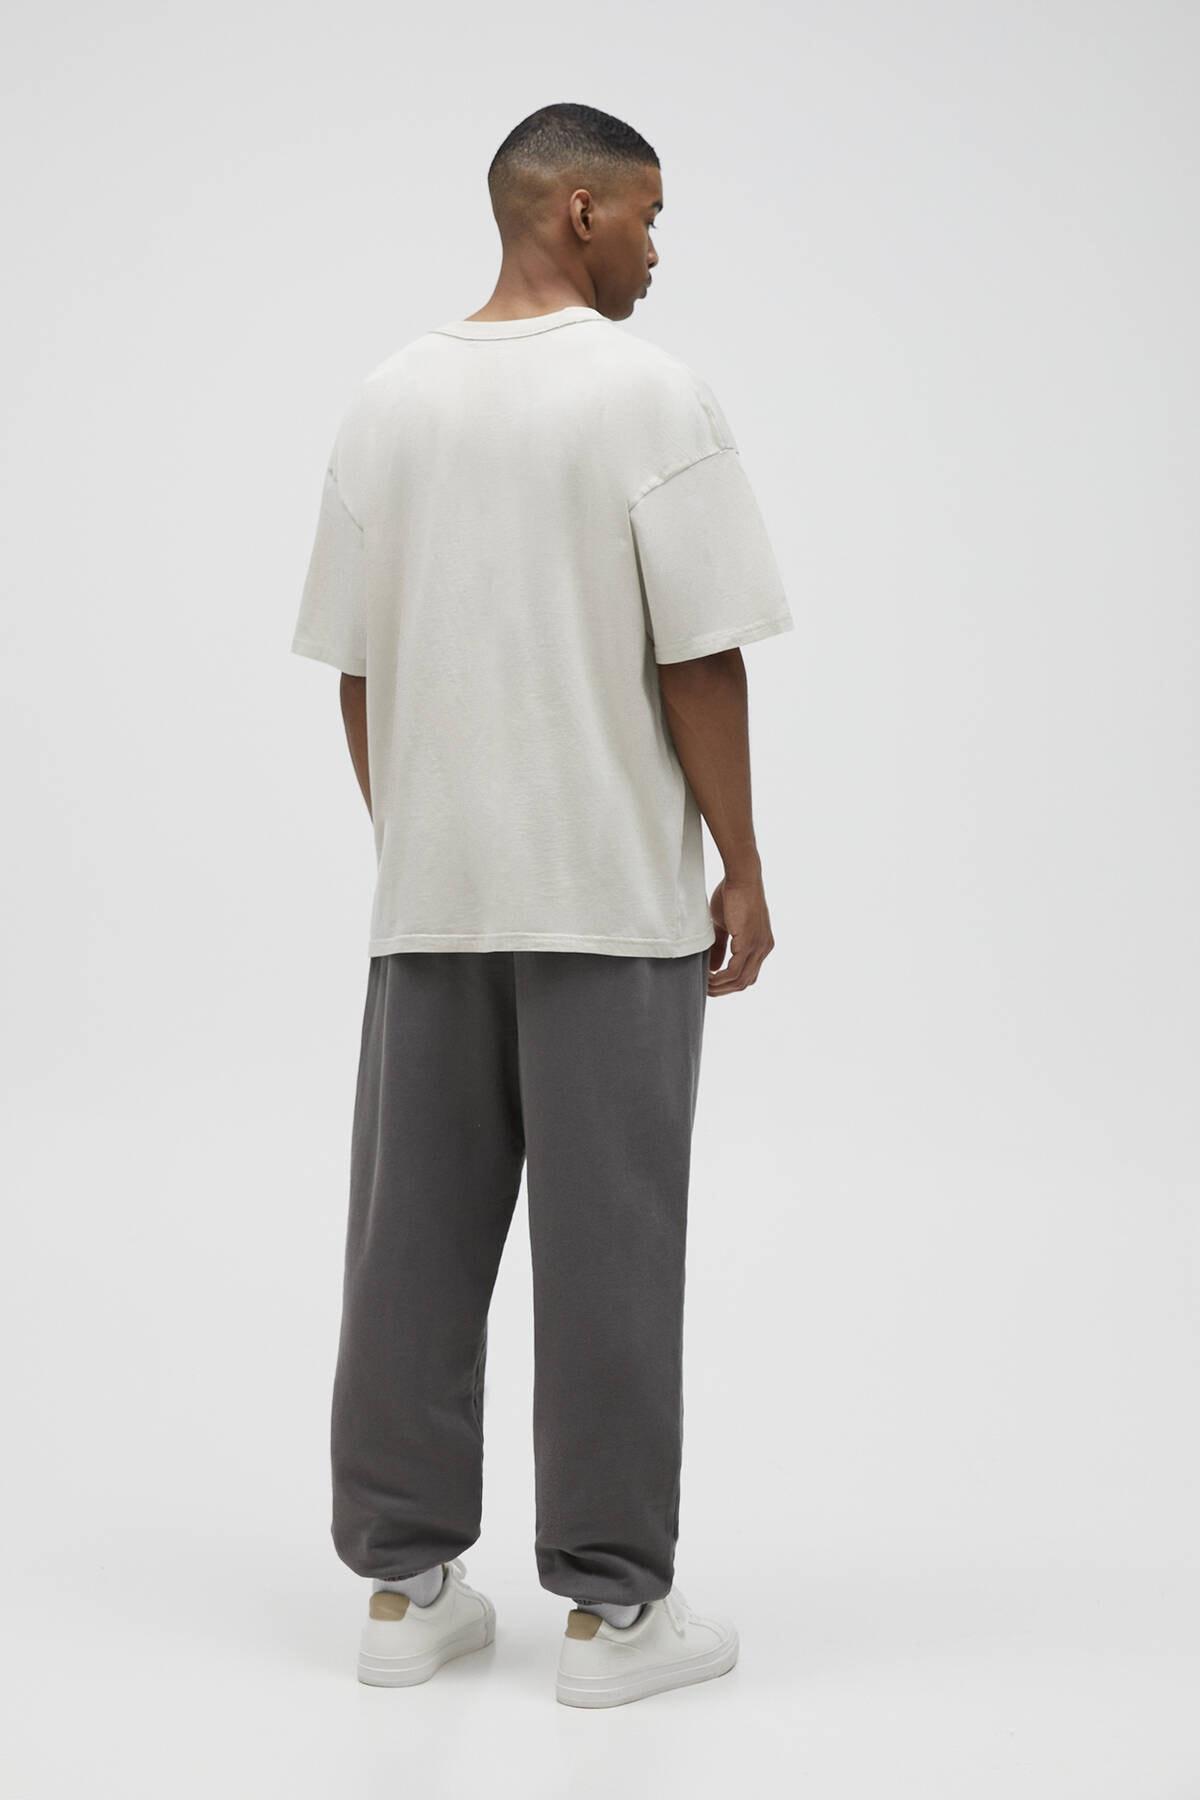 Pull & Bear Erkek Kemik Basic Loose Fit T-Shirt 04241517 3